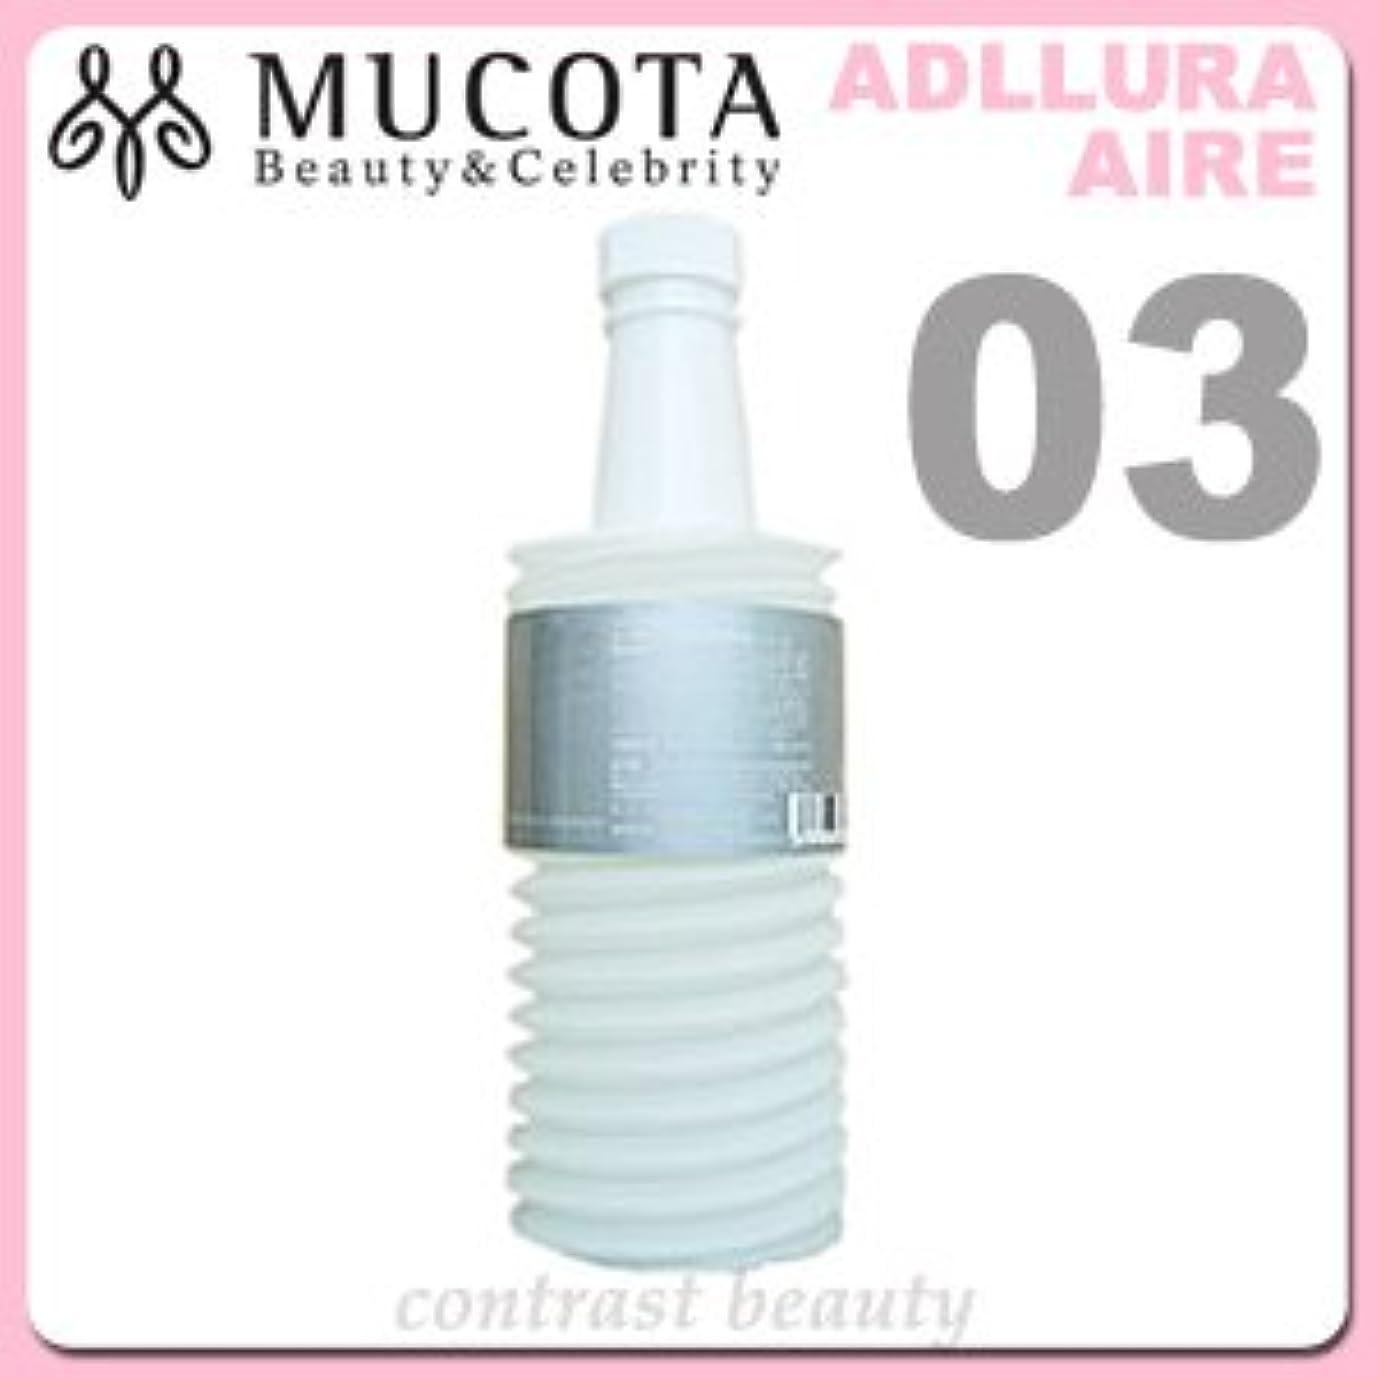 尋ねる懸念なす【X4個セット】 ムコタ アデューラ アイレ03 ライトベールコンディショナー リゼ 700g (レフィル)